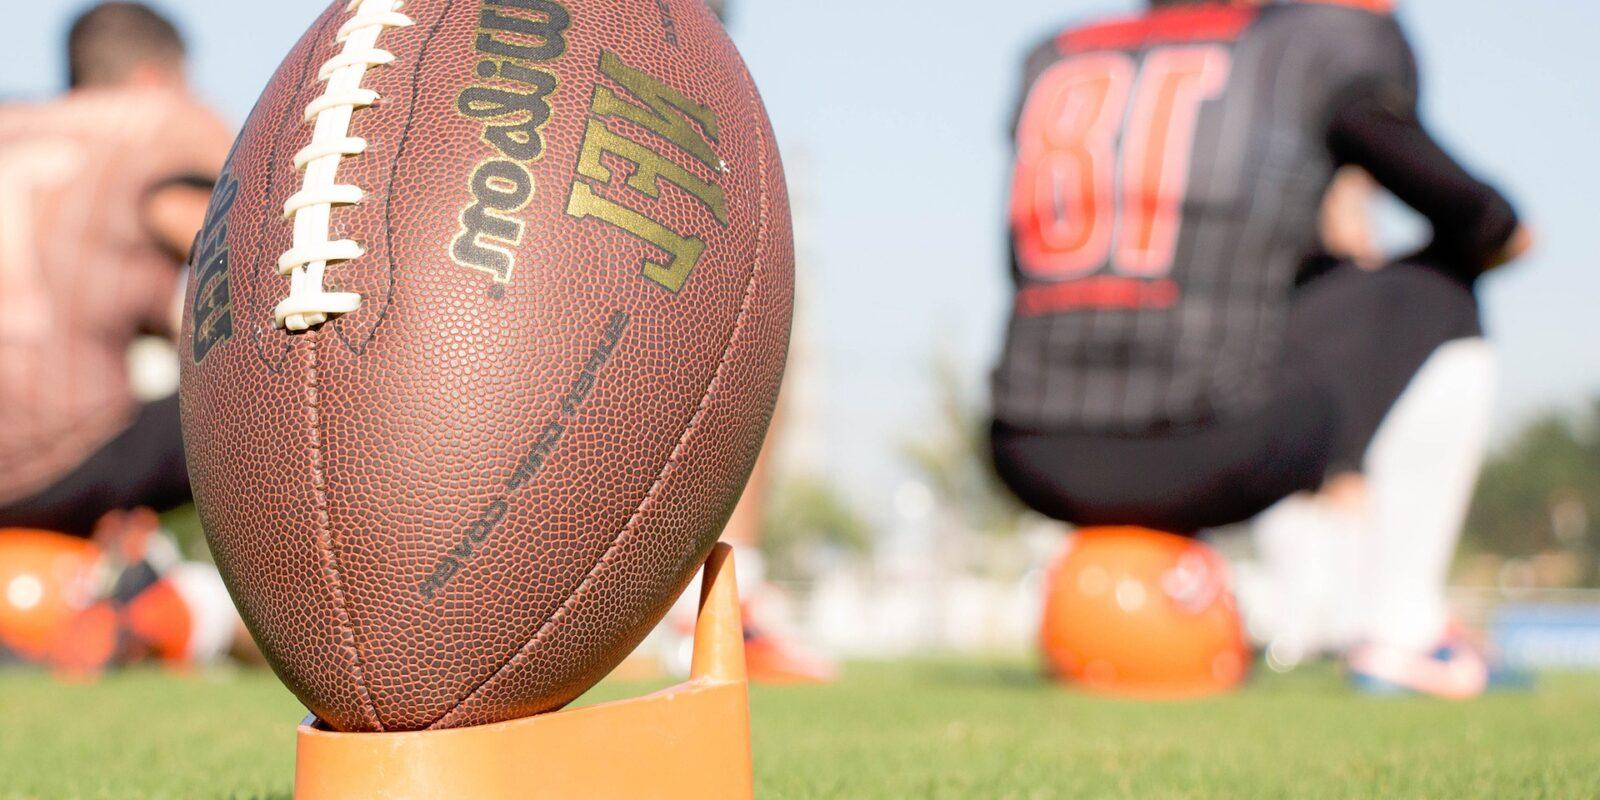 NFL FOOTBALL AS AN ASSET CLASS: Coaches' Prop Bets